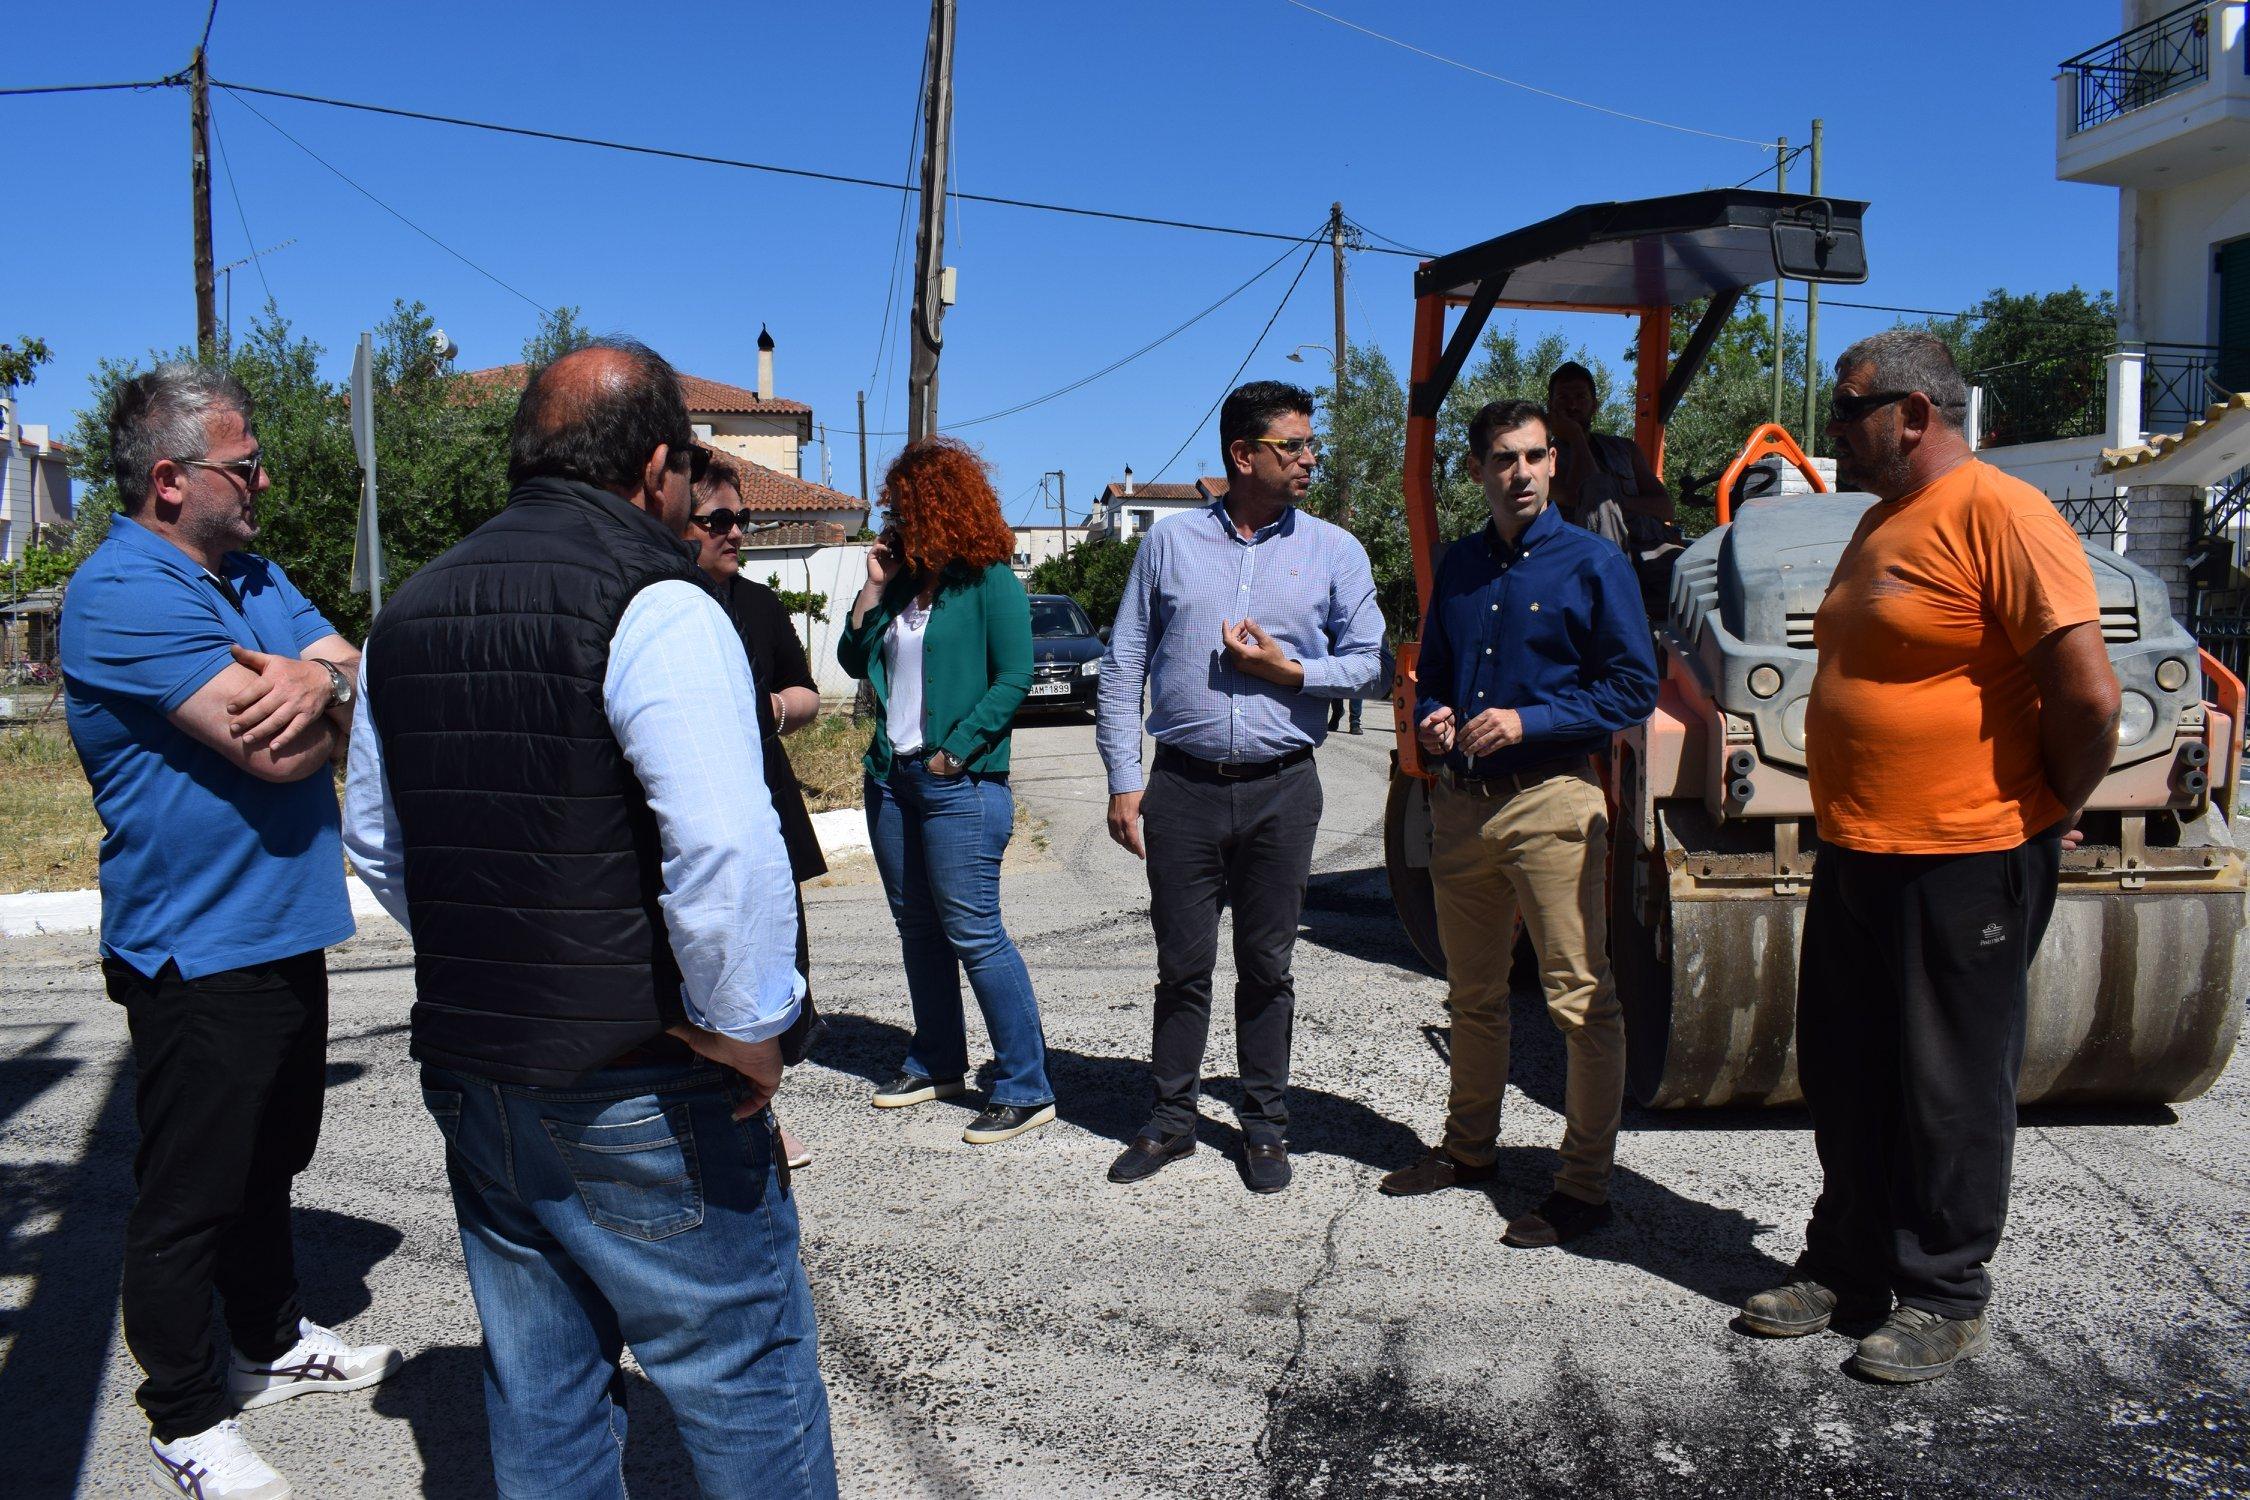 Δήμος Ανδραβίδας-Κυλλήνης: Εντατικοποίηση των έργων ασφαλτόστρωσης